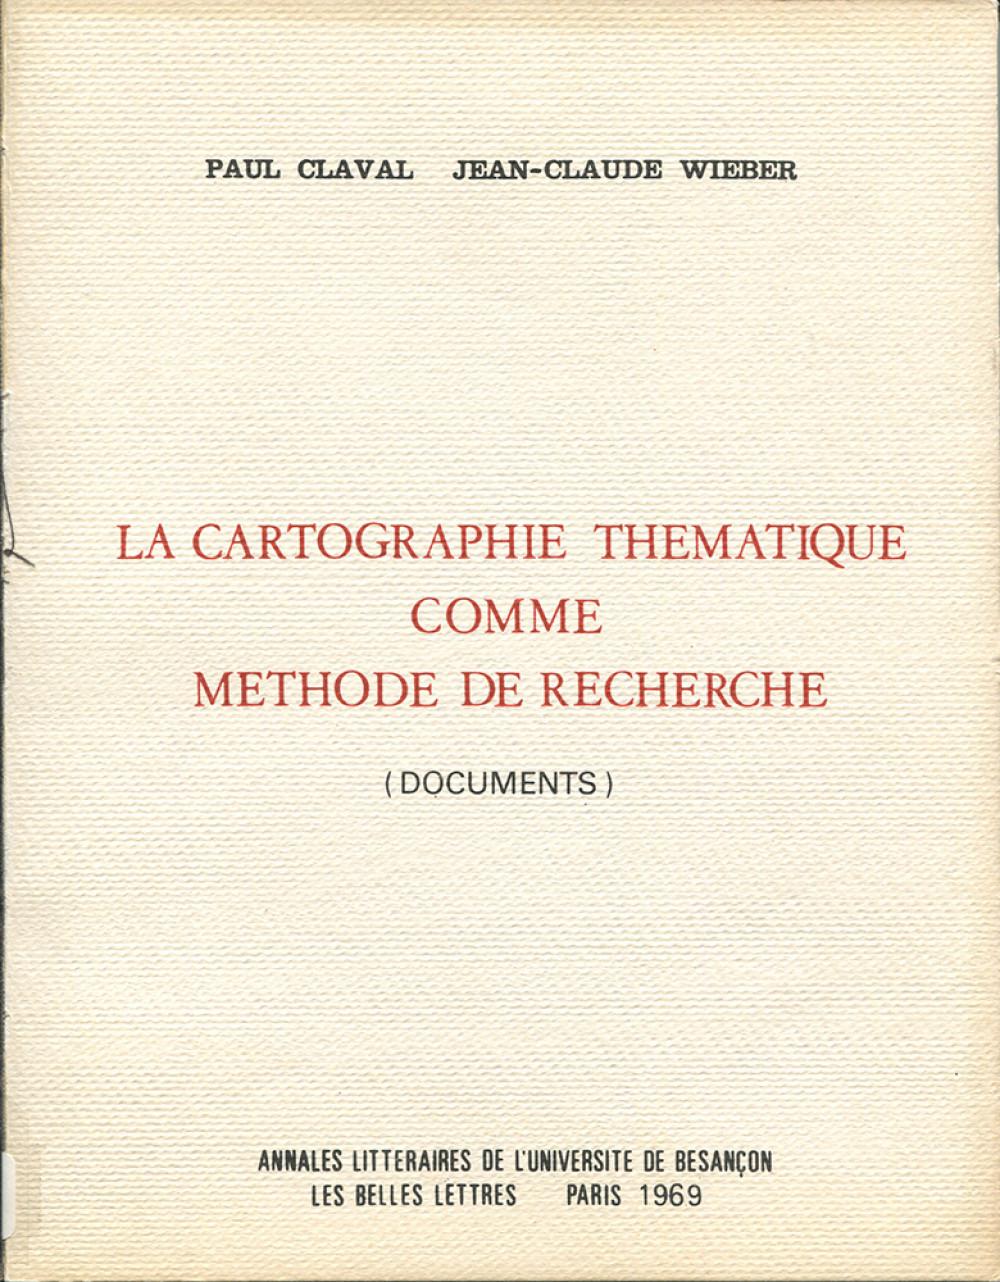 La cartographie thématique comme méthode de recherche